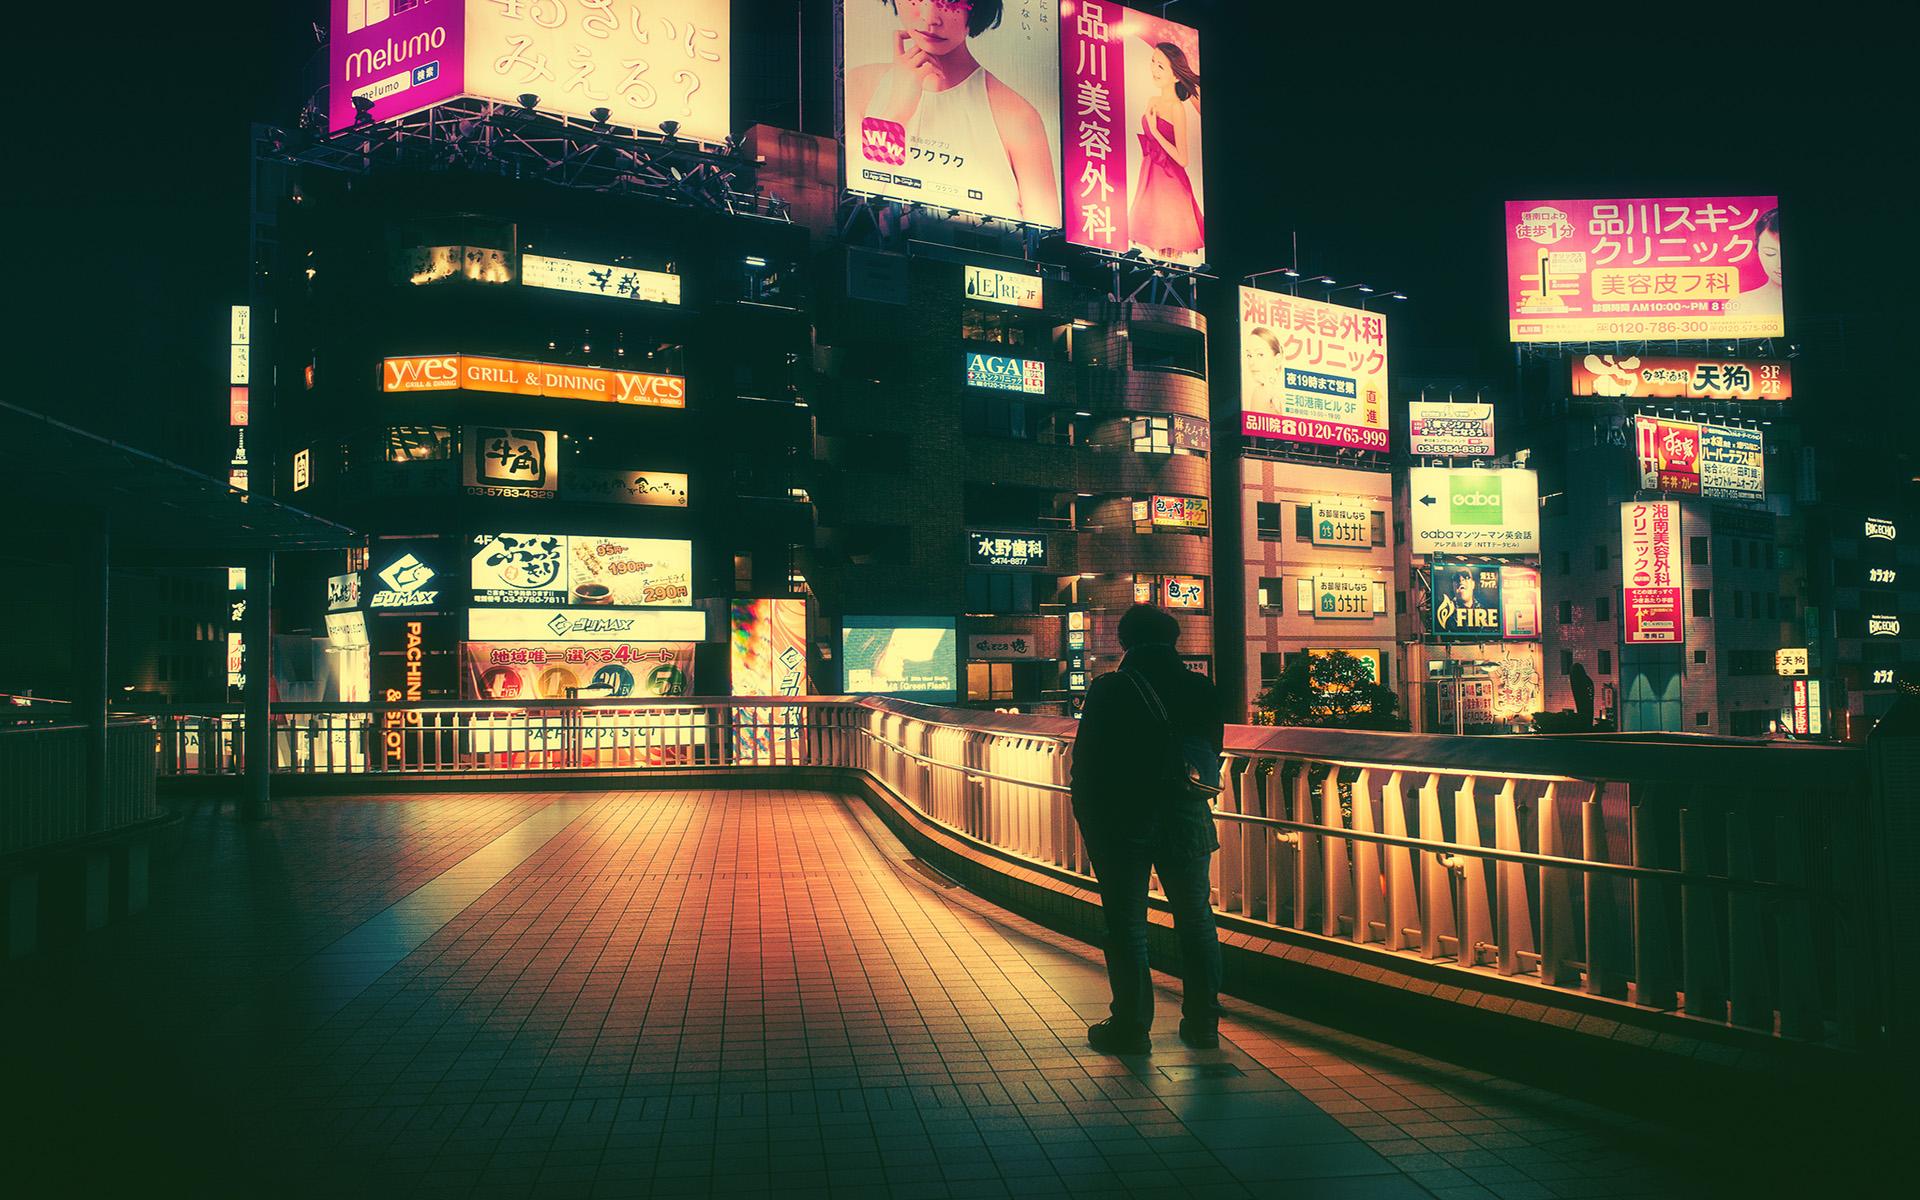 日本东京夜景图片电脑桌面壁纸大图